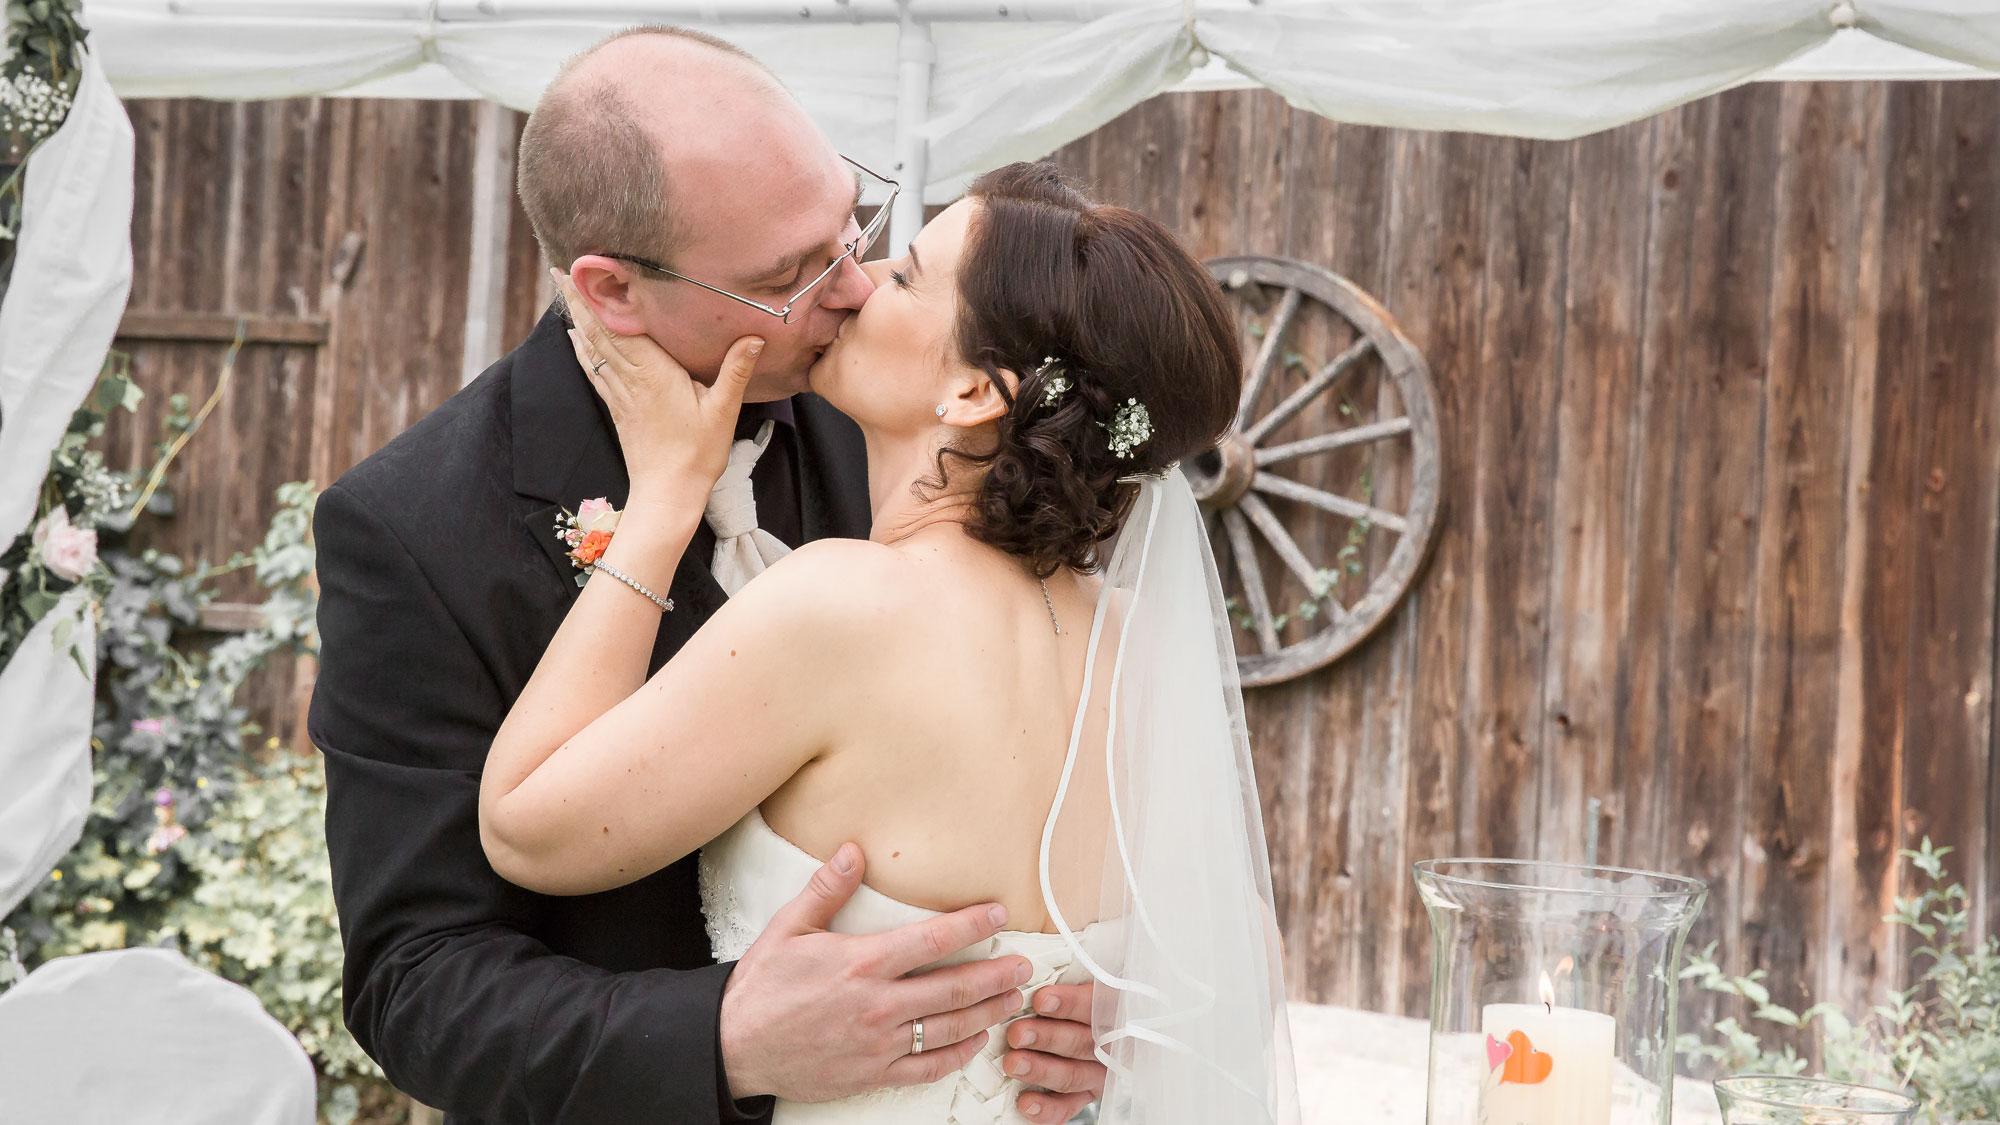 Innig küssen sie sich nach dem Ja-Wort.